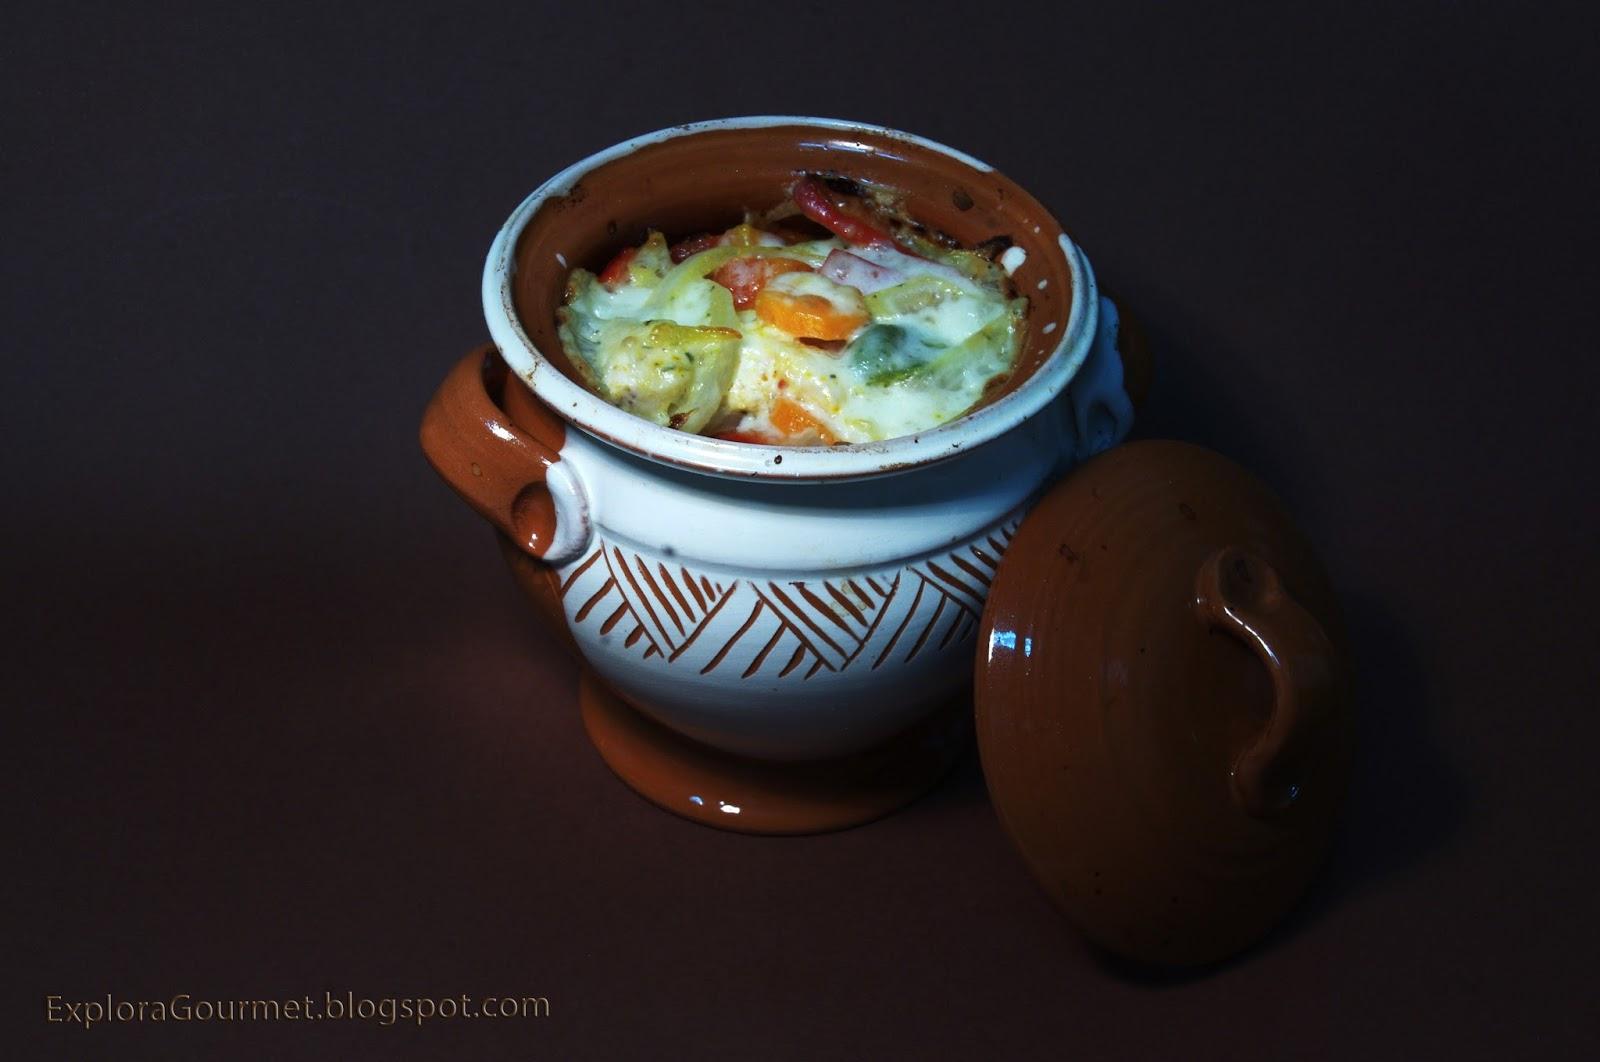 Czenaki con pollo y verduras